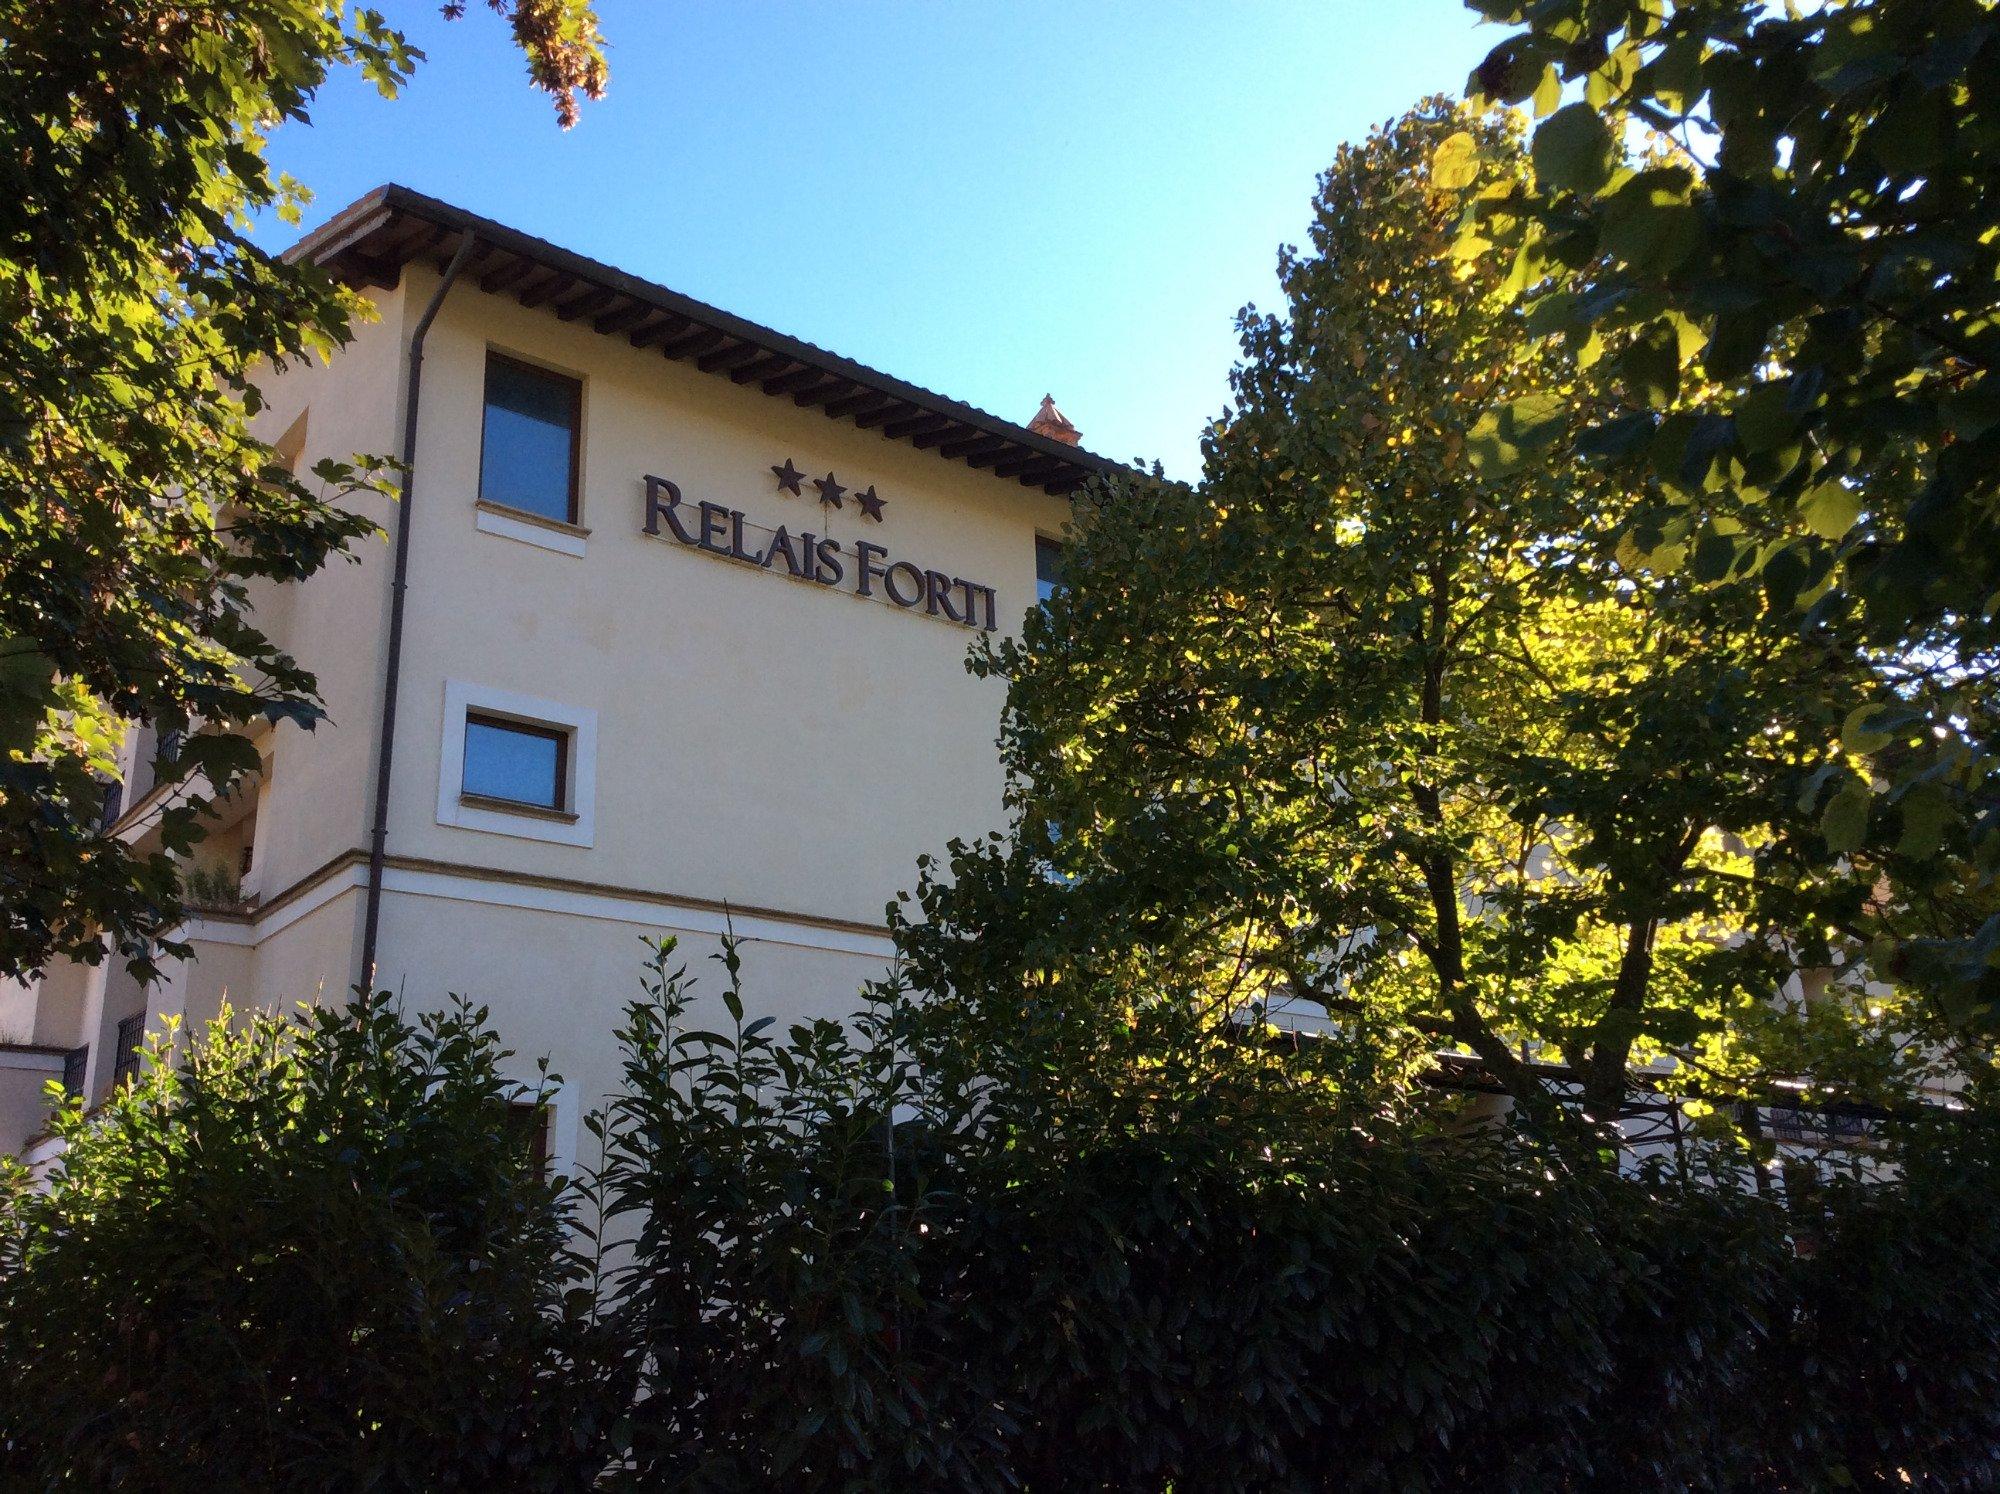 Relais Forti - Ristorante Sapori